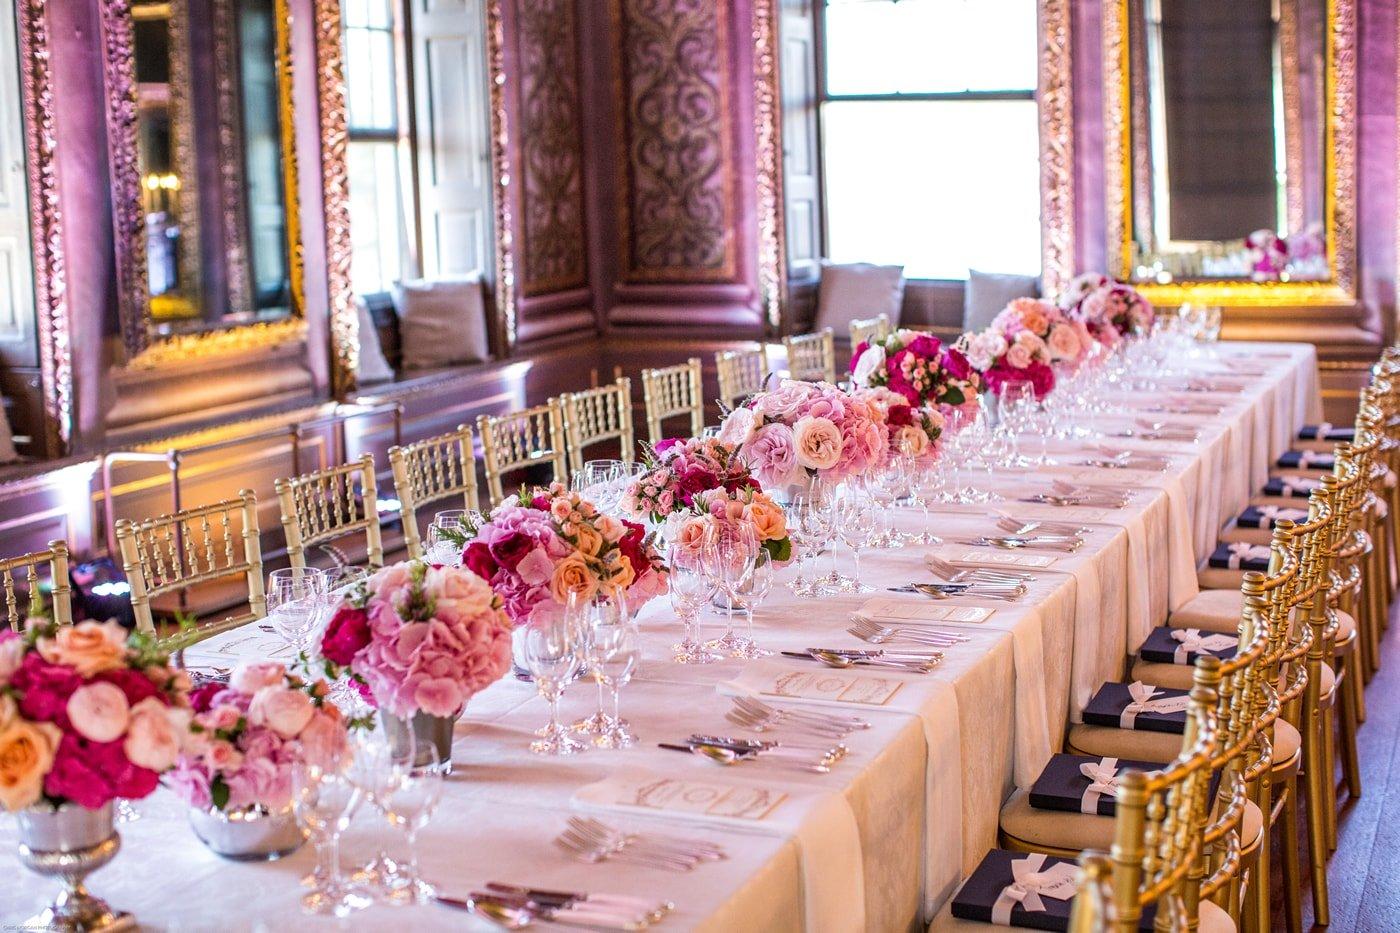 luxury wedding table